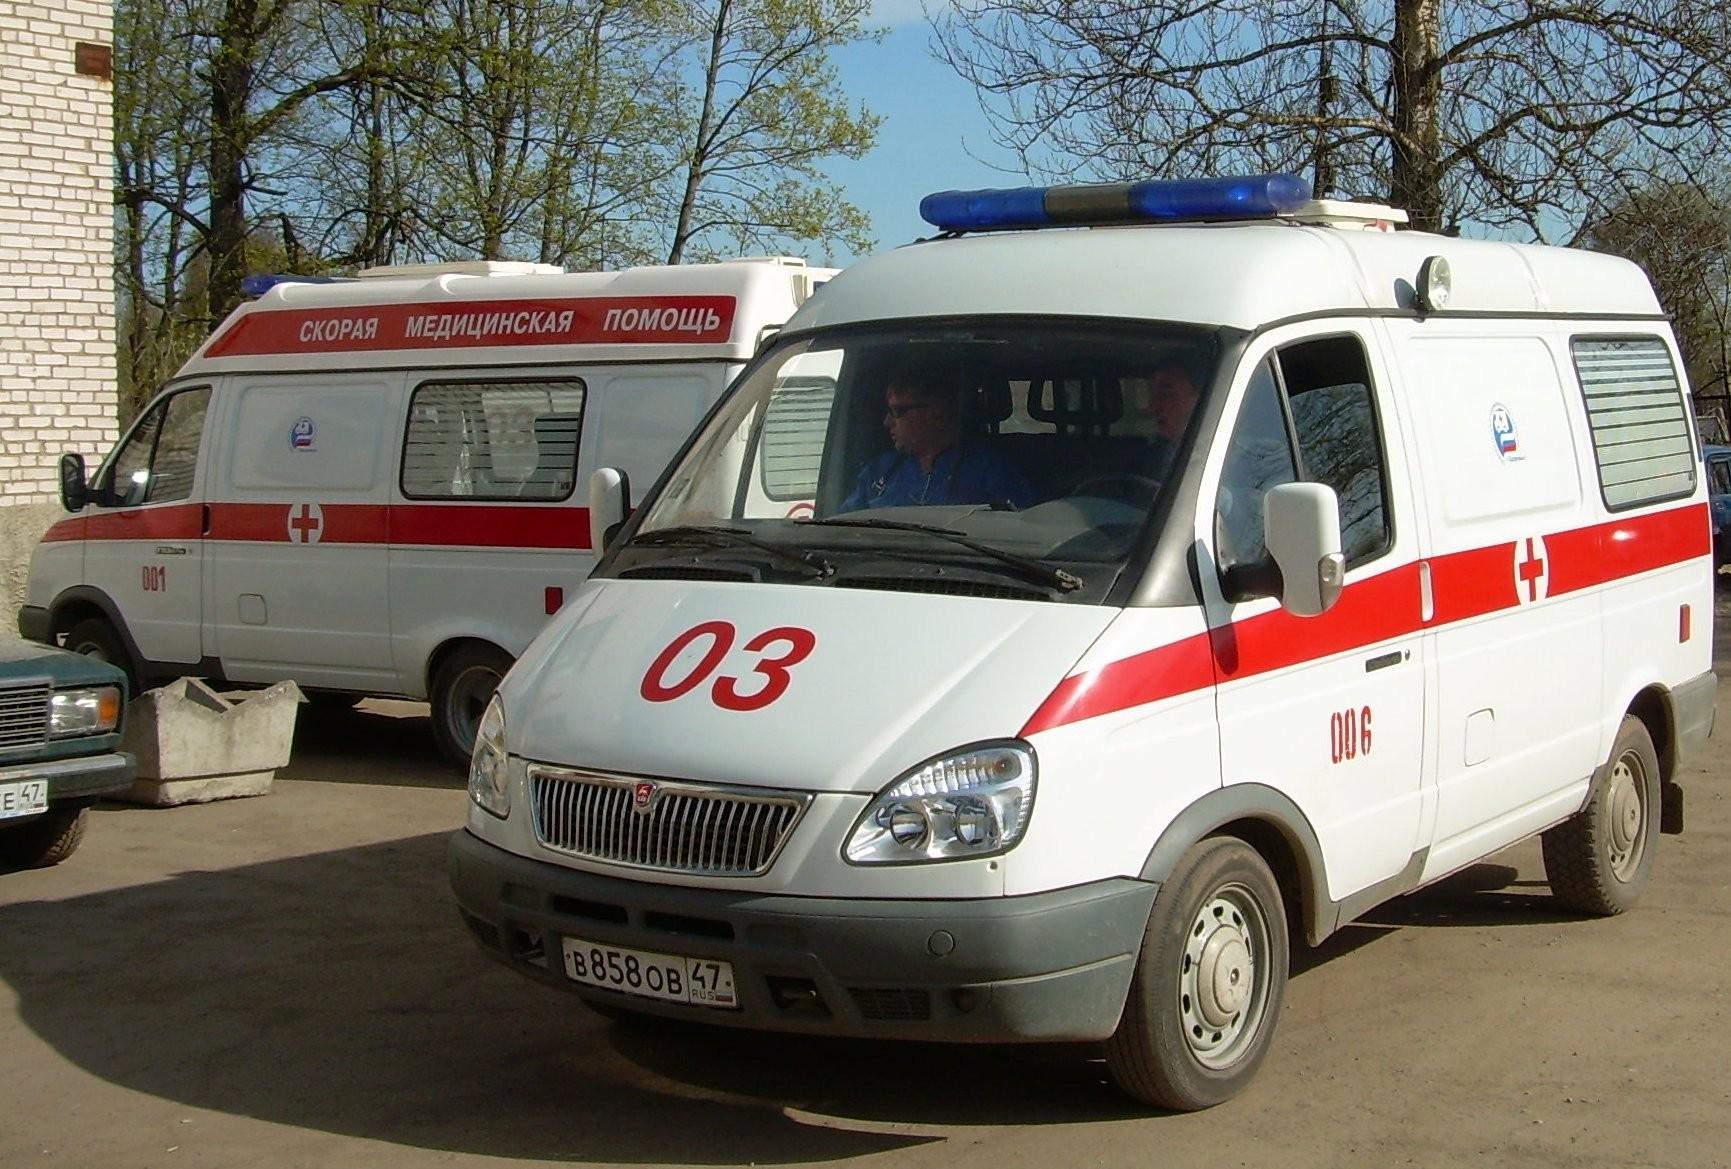 ВТатарстане мужчина изнасиловал 4-летнюю девочку